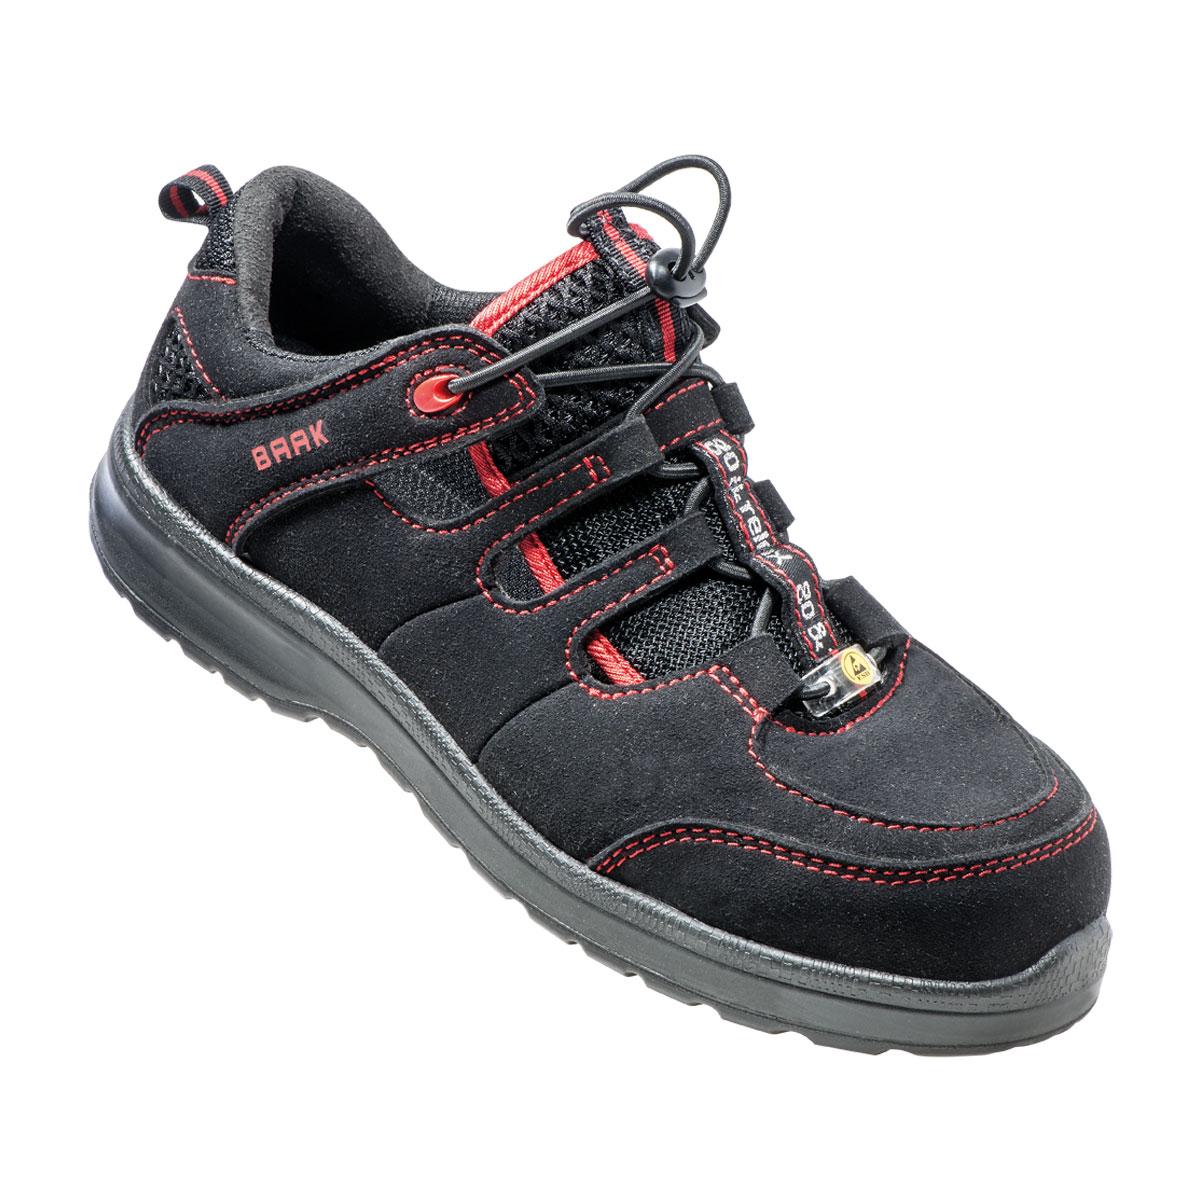 BAAK SUE II Damen-Sandale